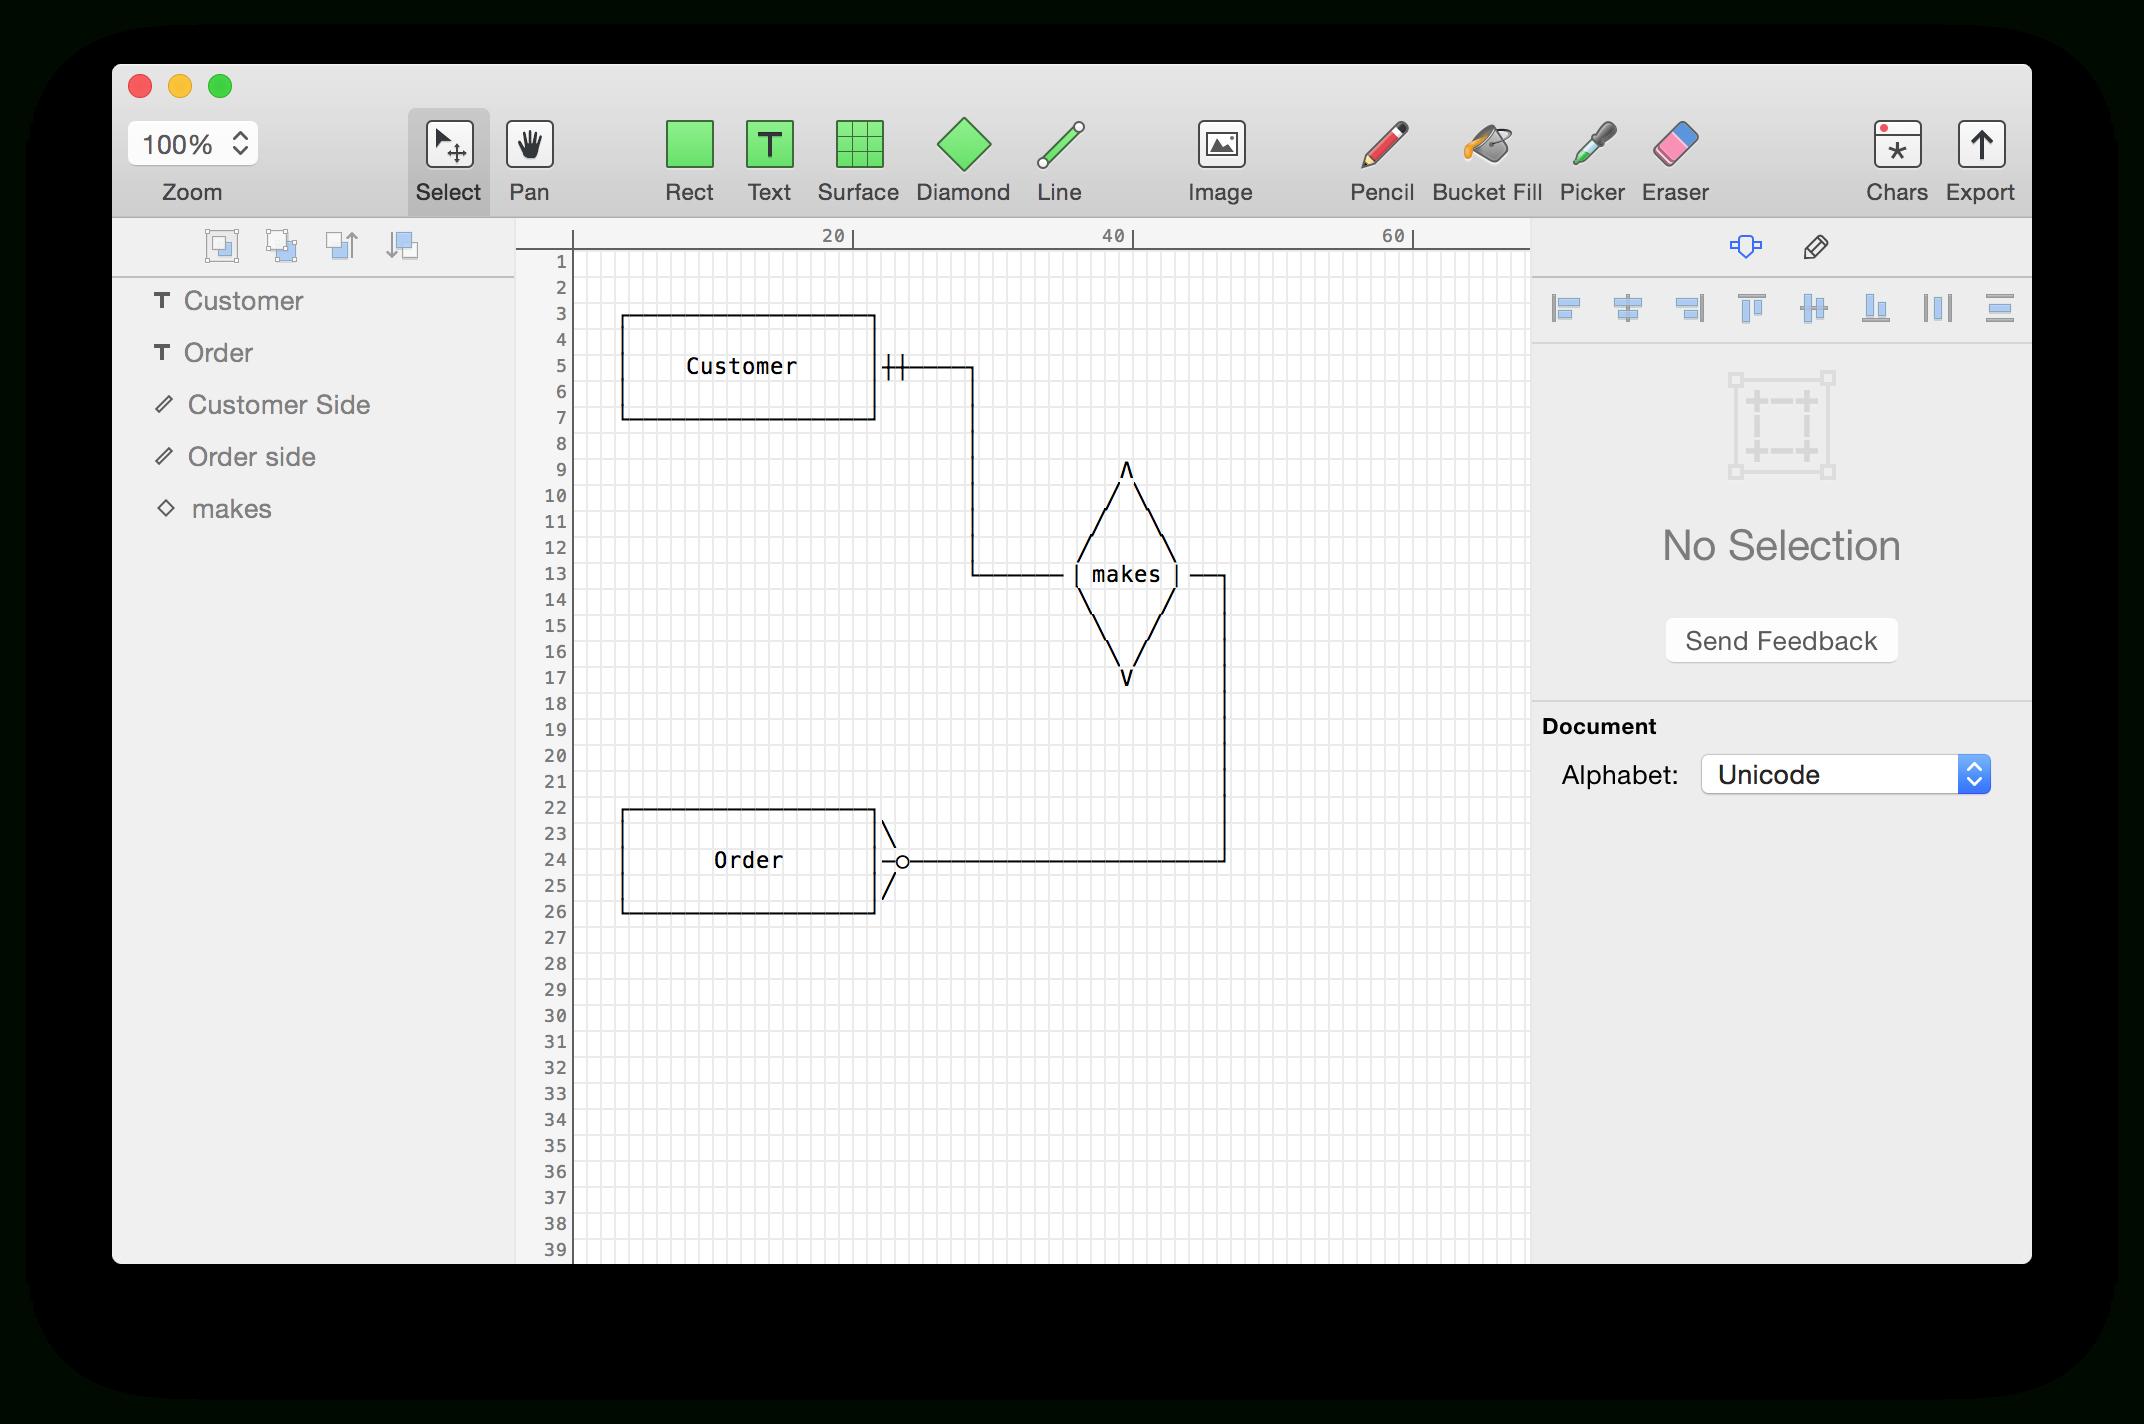 Er Diagram Maker Free - Schematics Online throughout Er Diagram Free